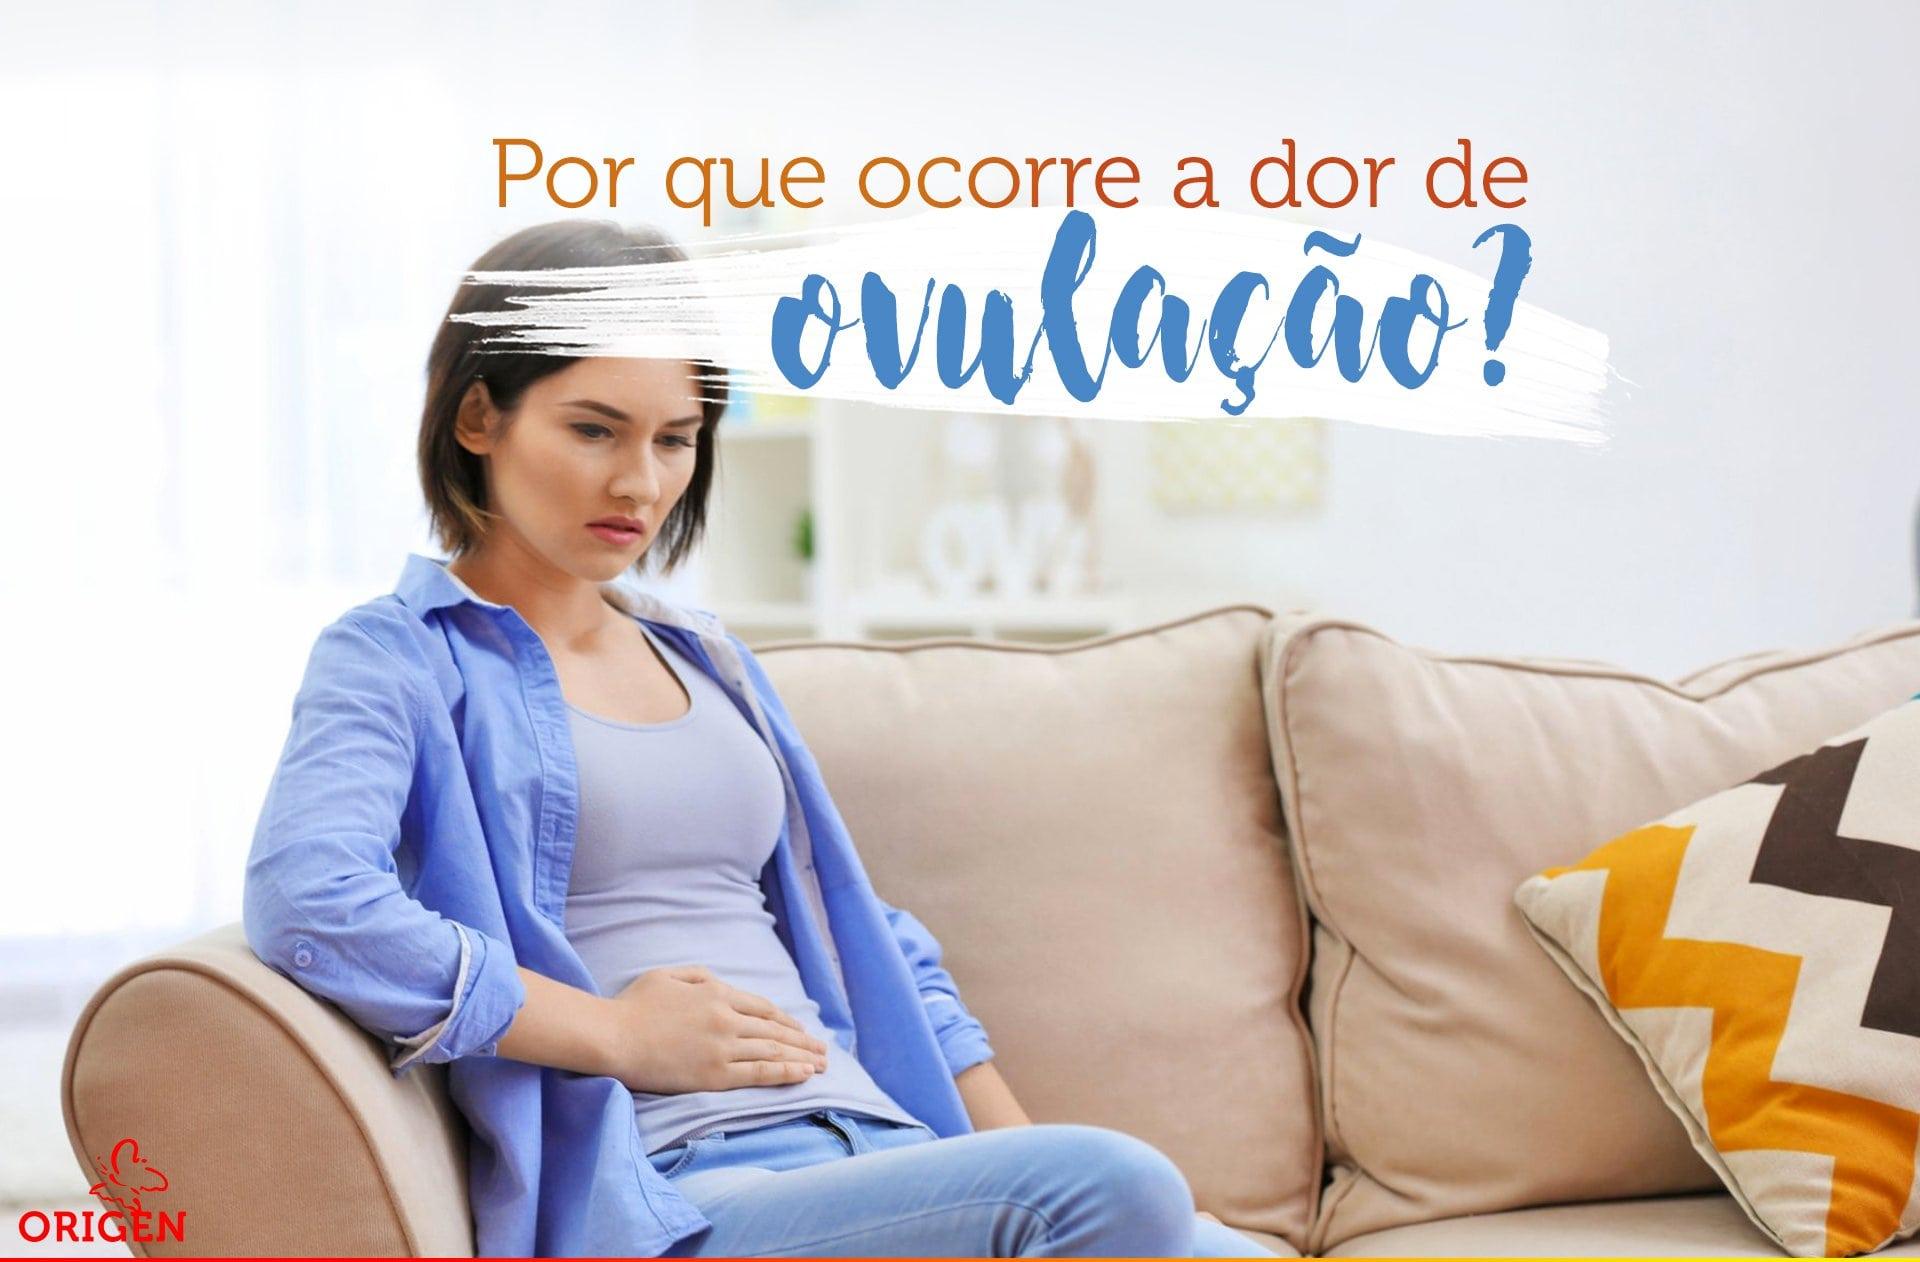 Por que a dor de ovulação ocorre?